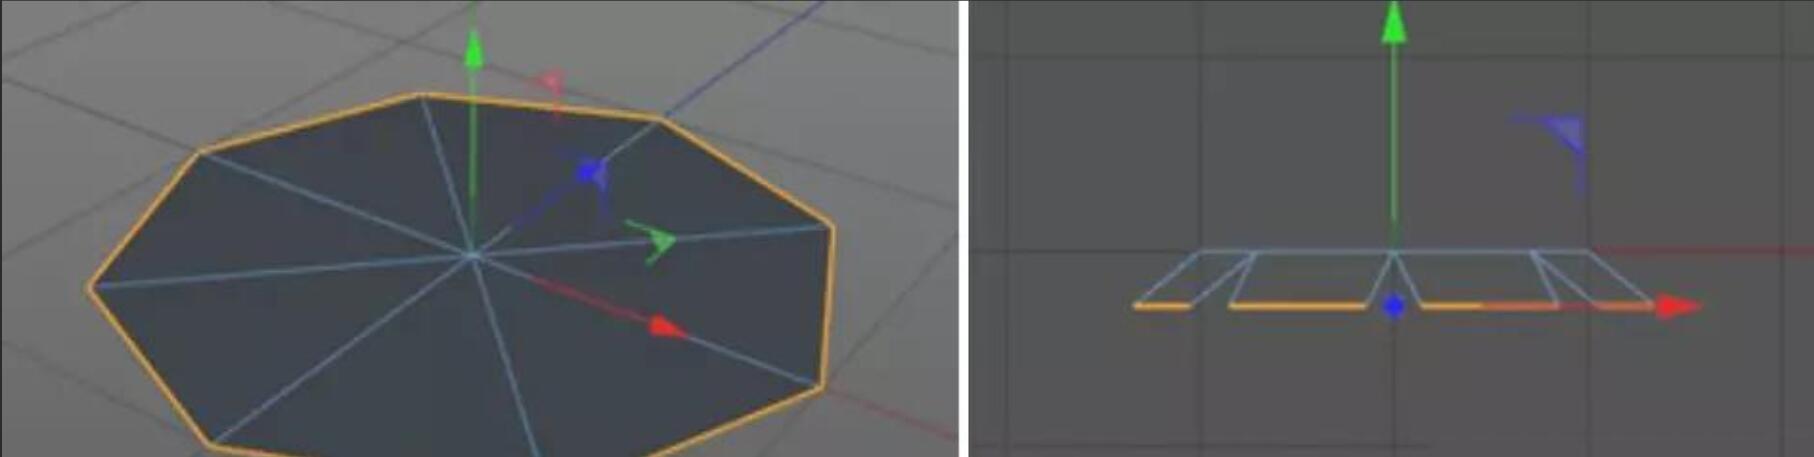 待改-C4D用材质和渲染焦散制作钻石建模(1)